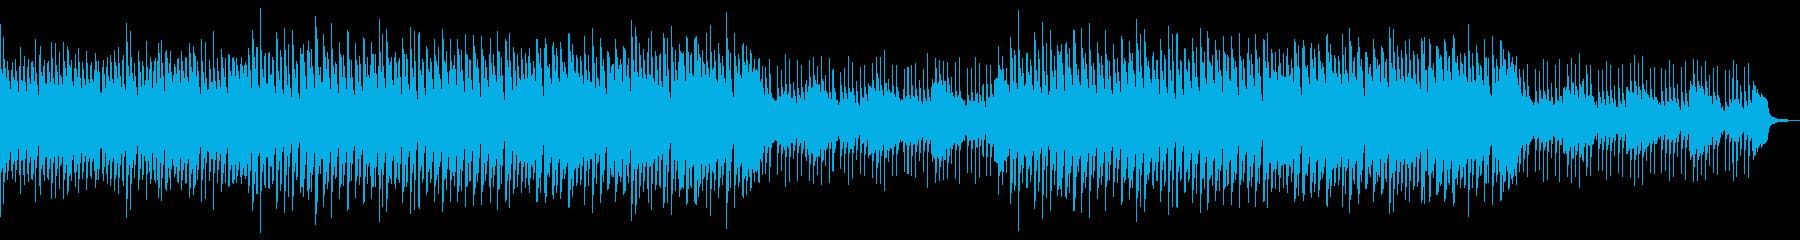 三味線と琴の和風でほのぼのしたBGMの再生済みの波形